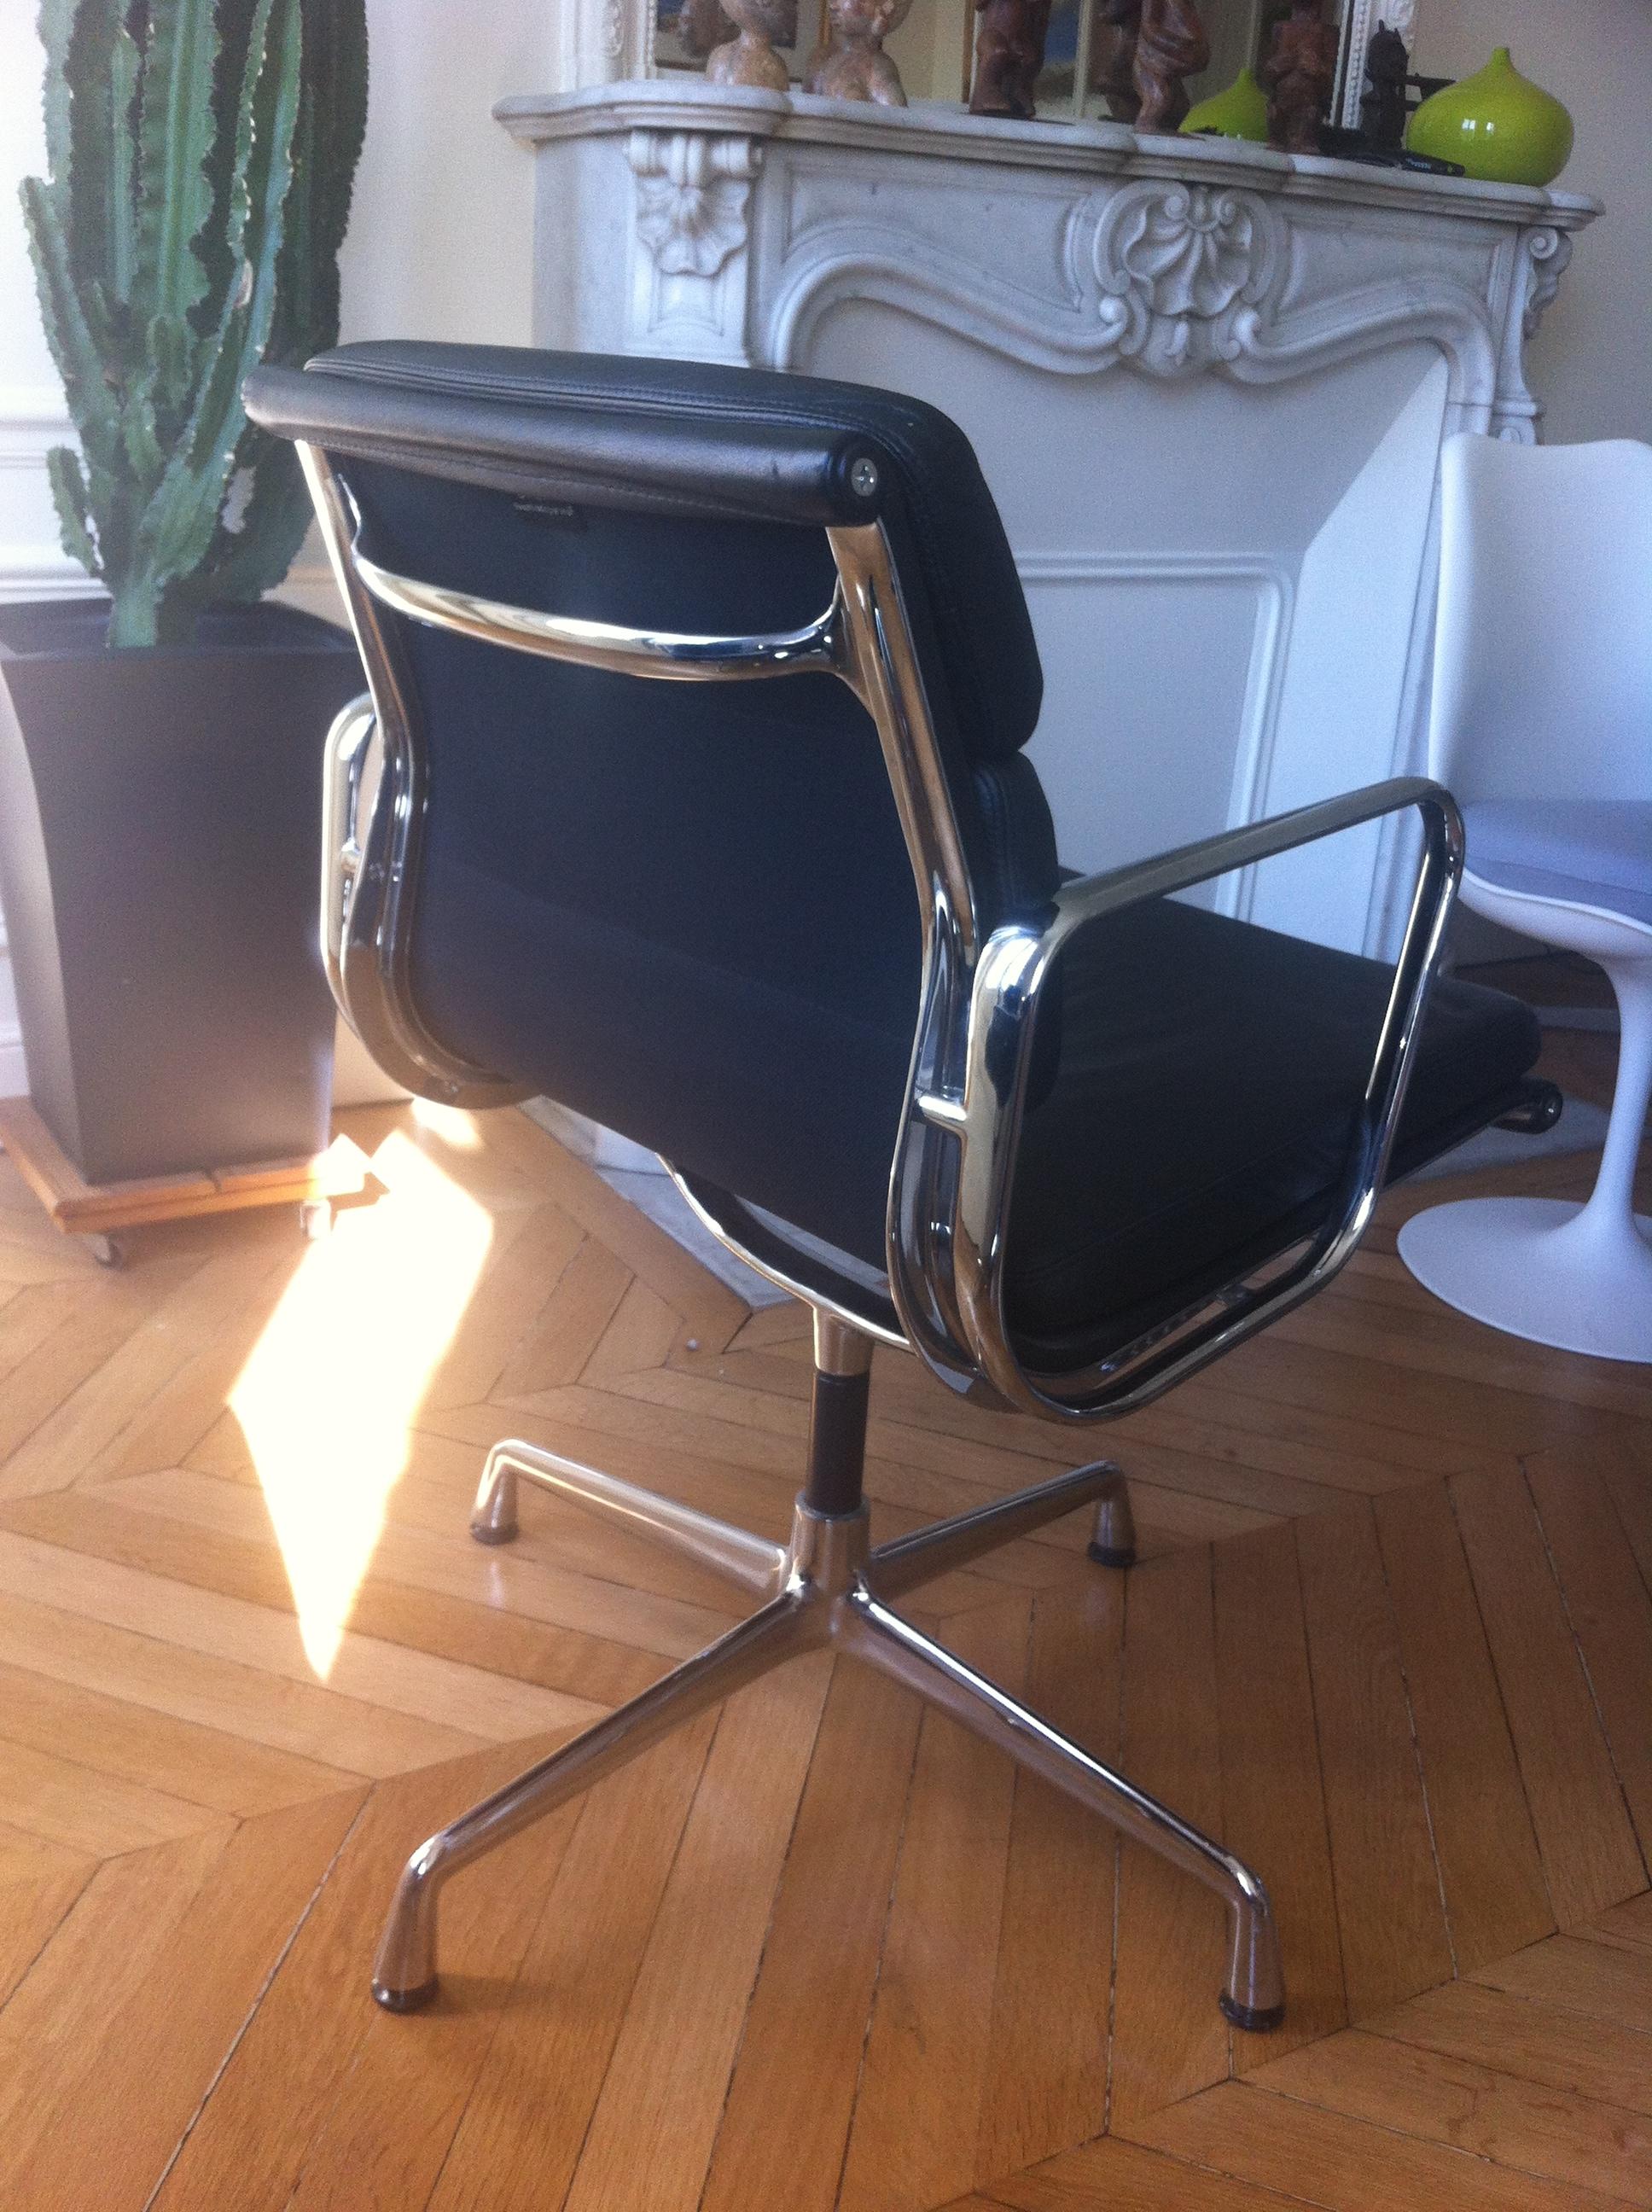 0e606c63b86 Fauteuils Soft Pad Charles Eames pour Vitra - L Atelier 50 ...